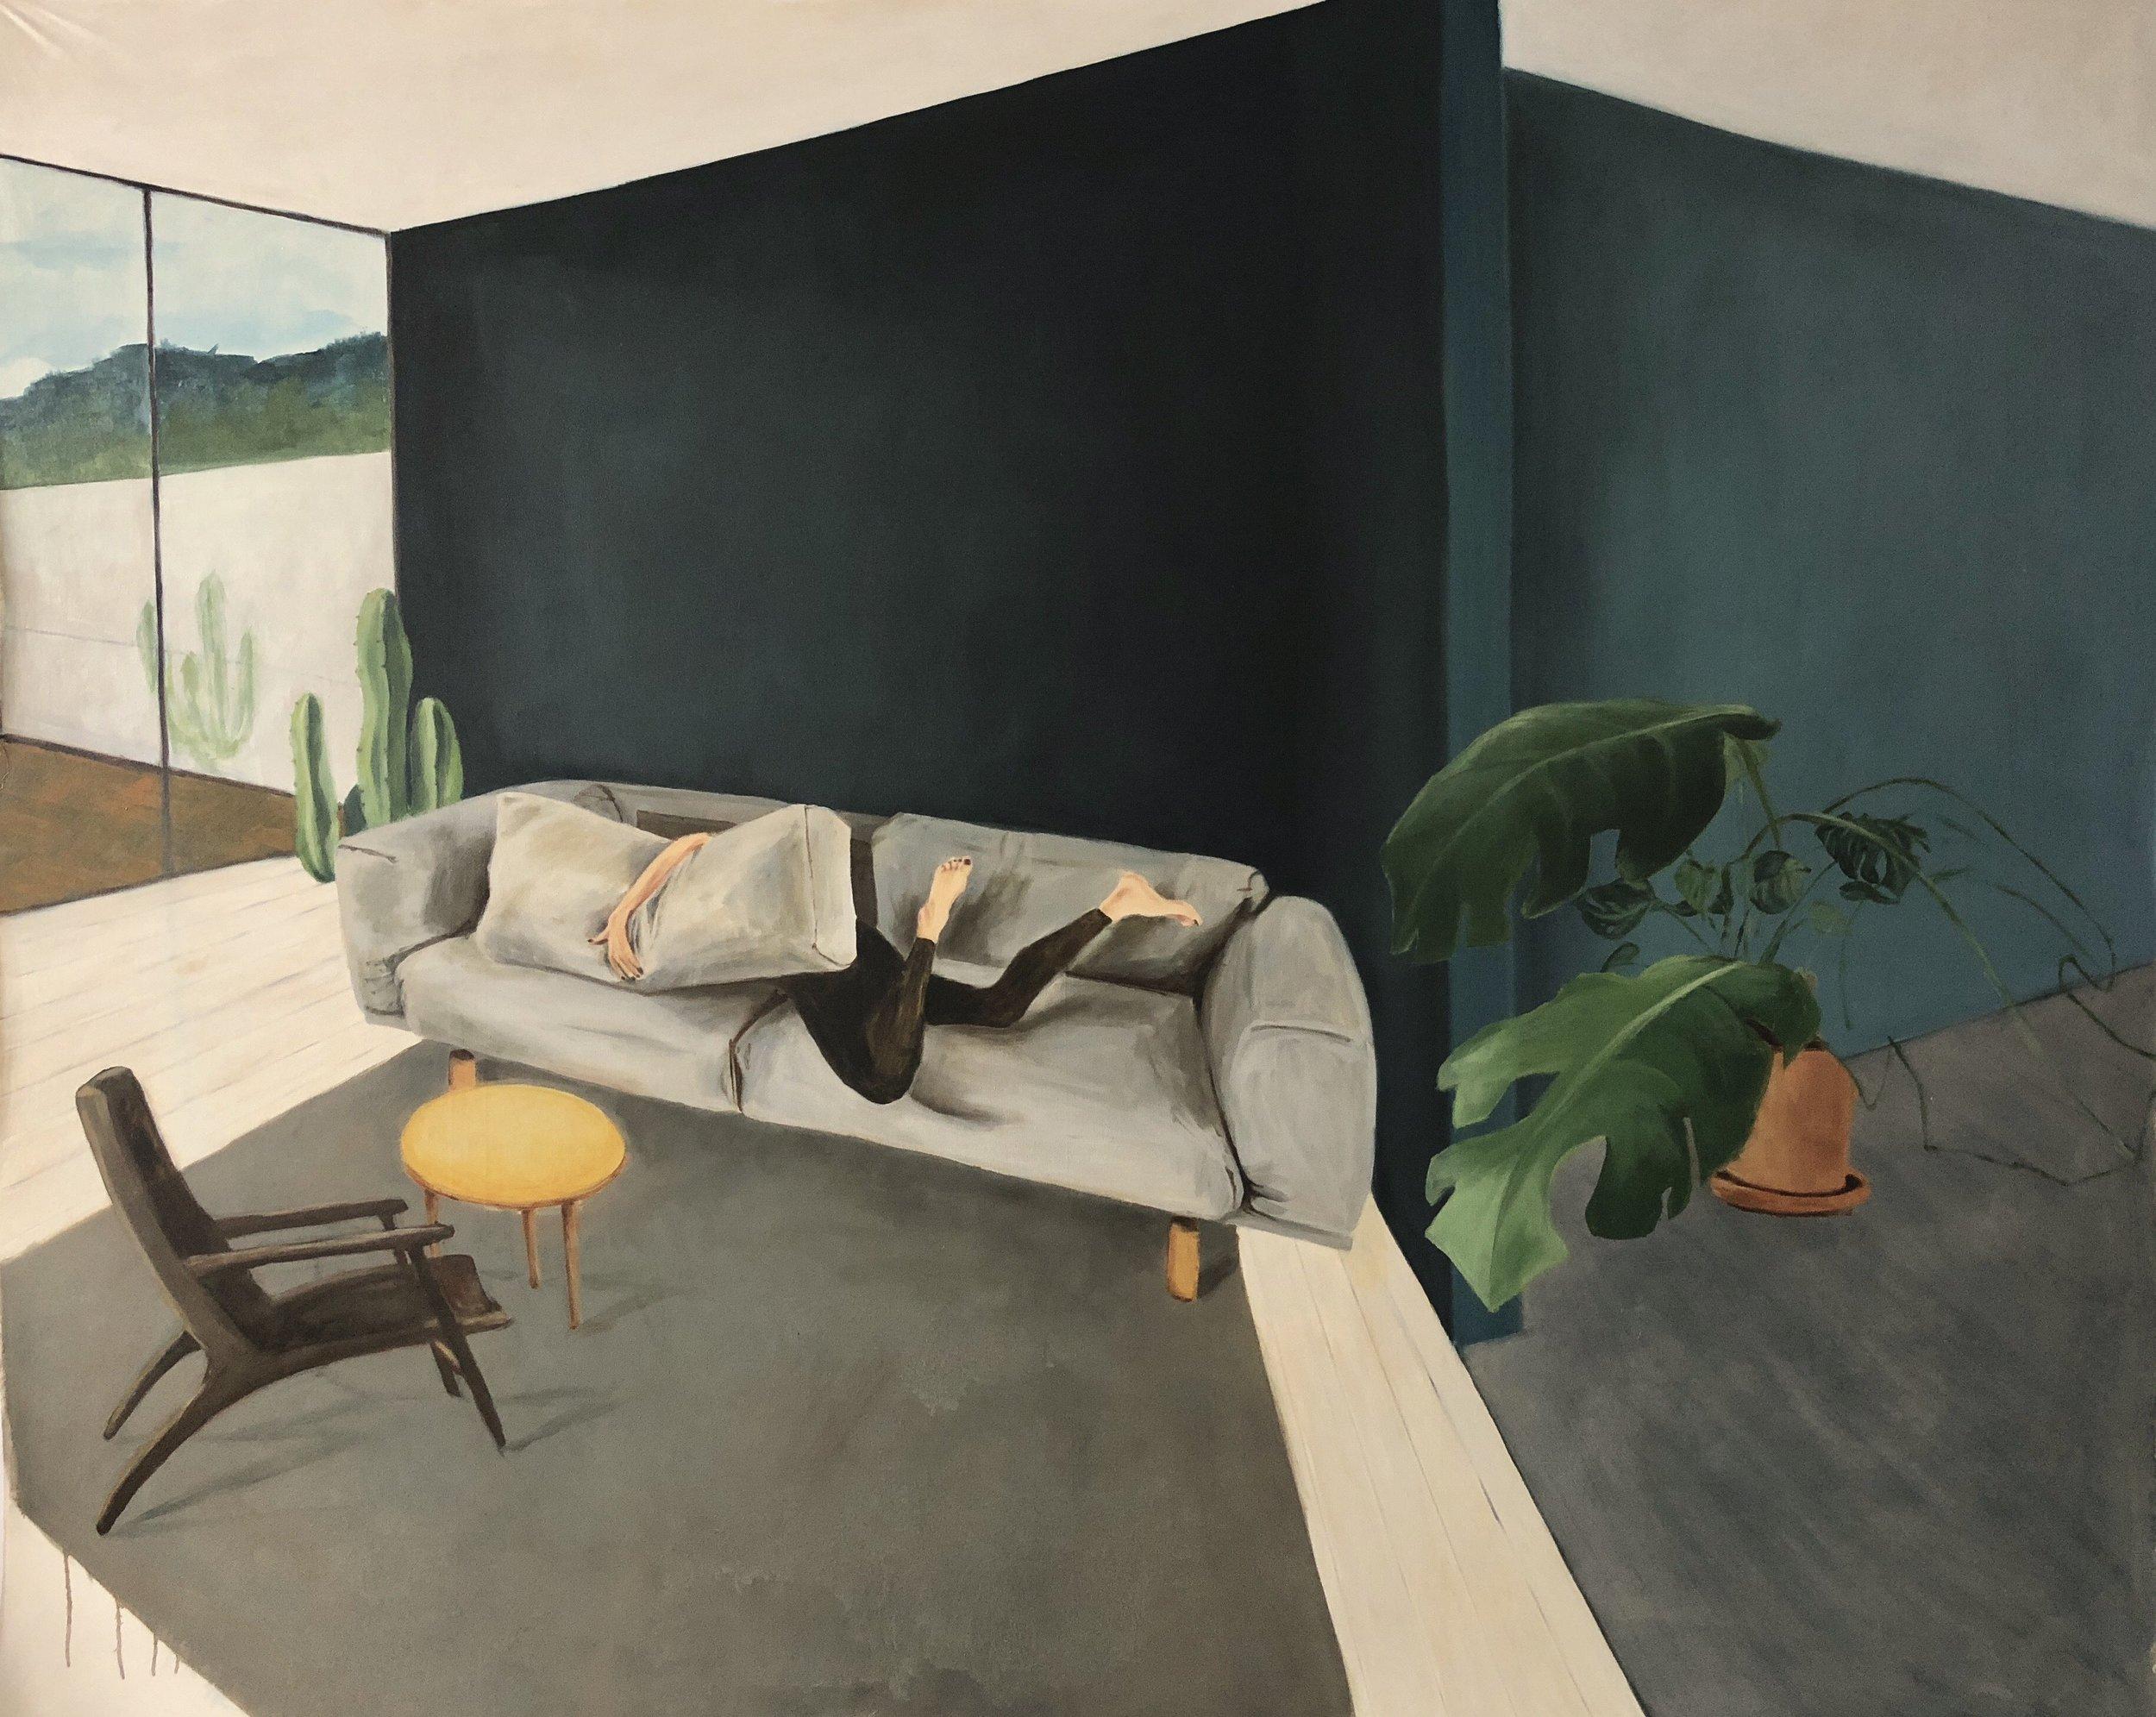 2(3) rom og kjøkken. Geneve  Oil on canvas, 160 x 200 cm, 2018